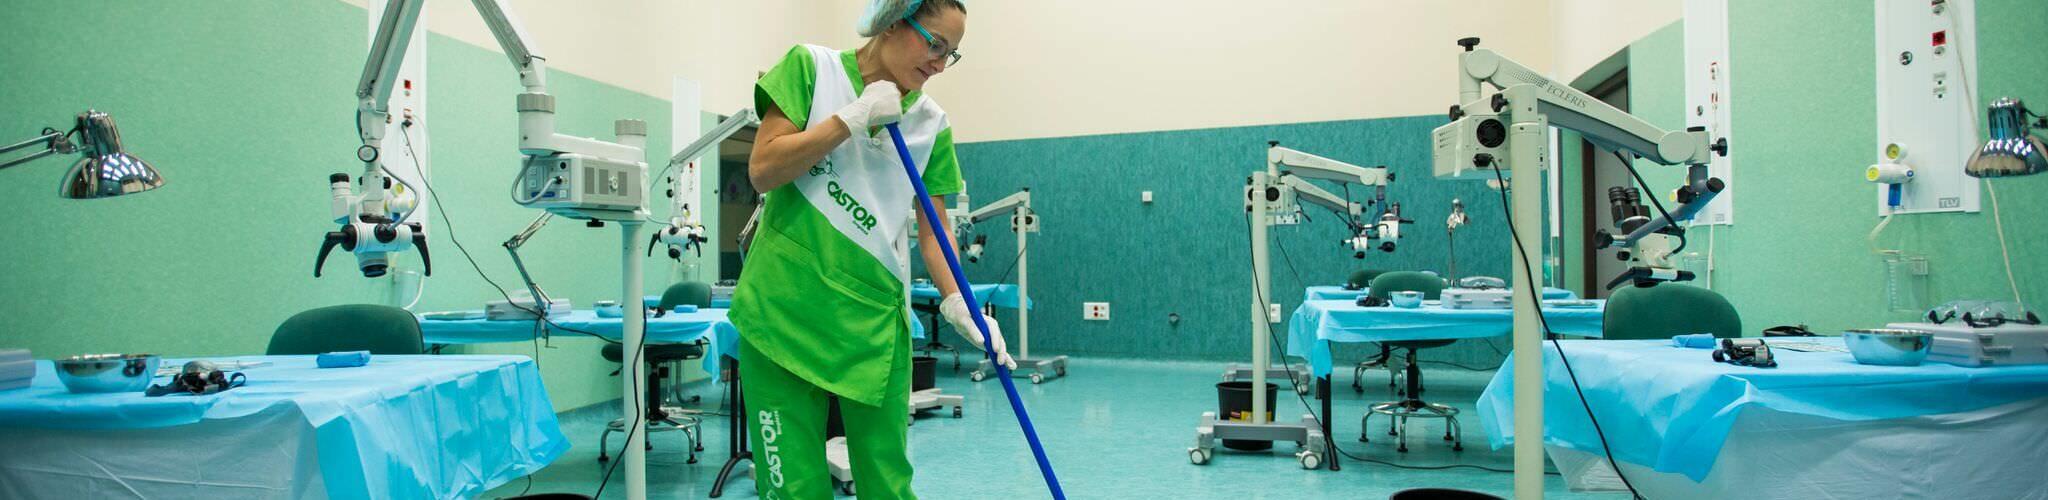 Limpiezas Castor. empresa-limpieza-jaen-2048x500 Empresa de limpieza en Jaén